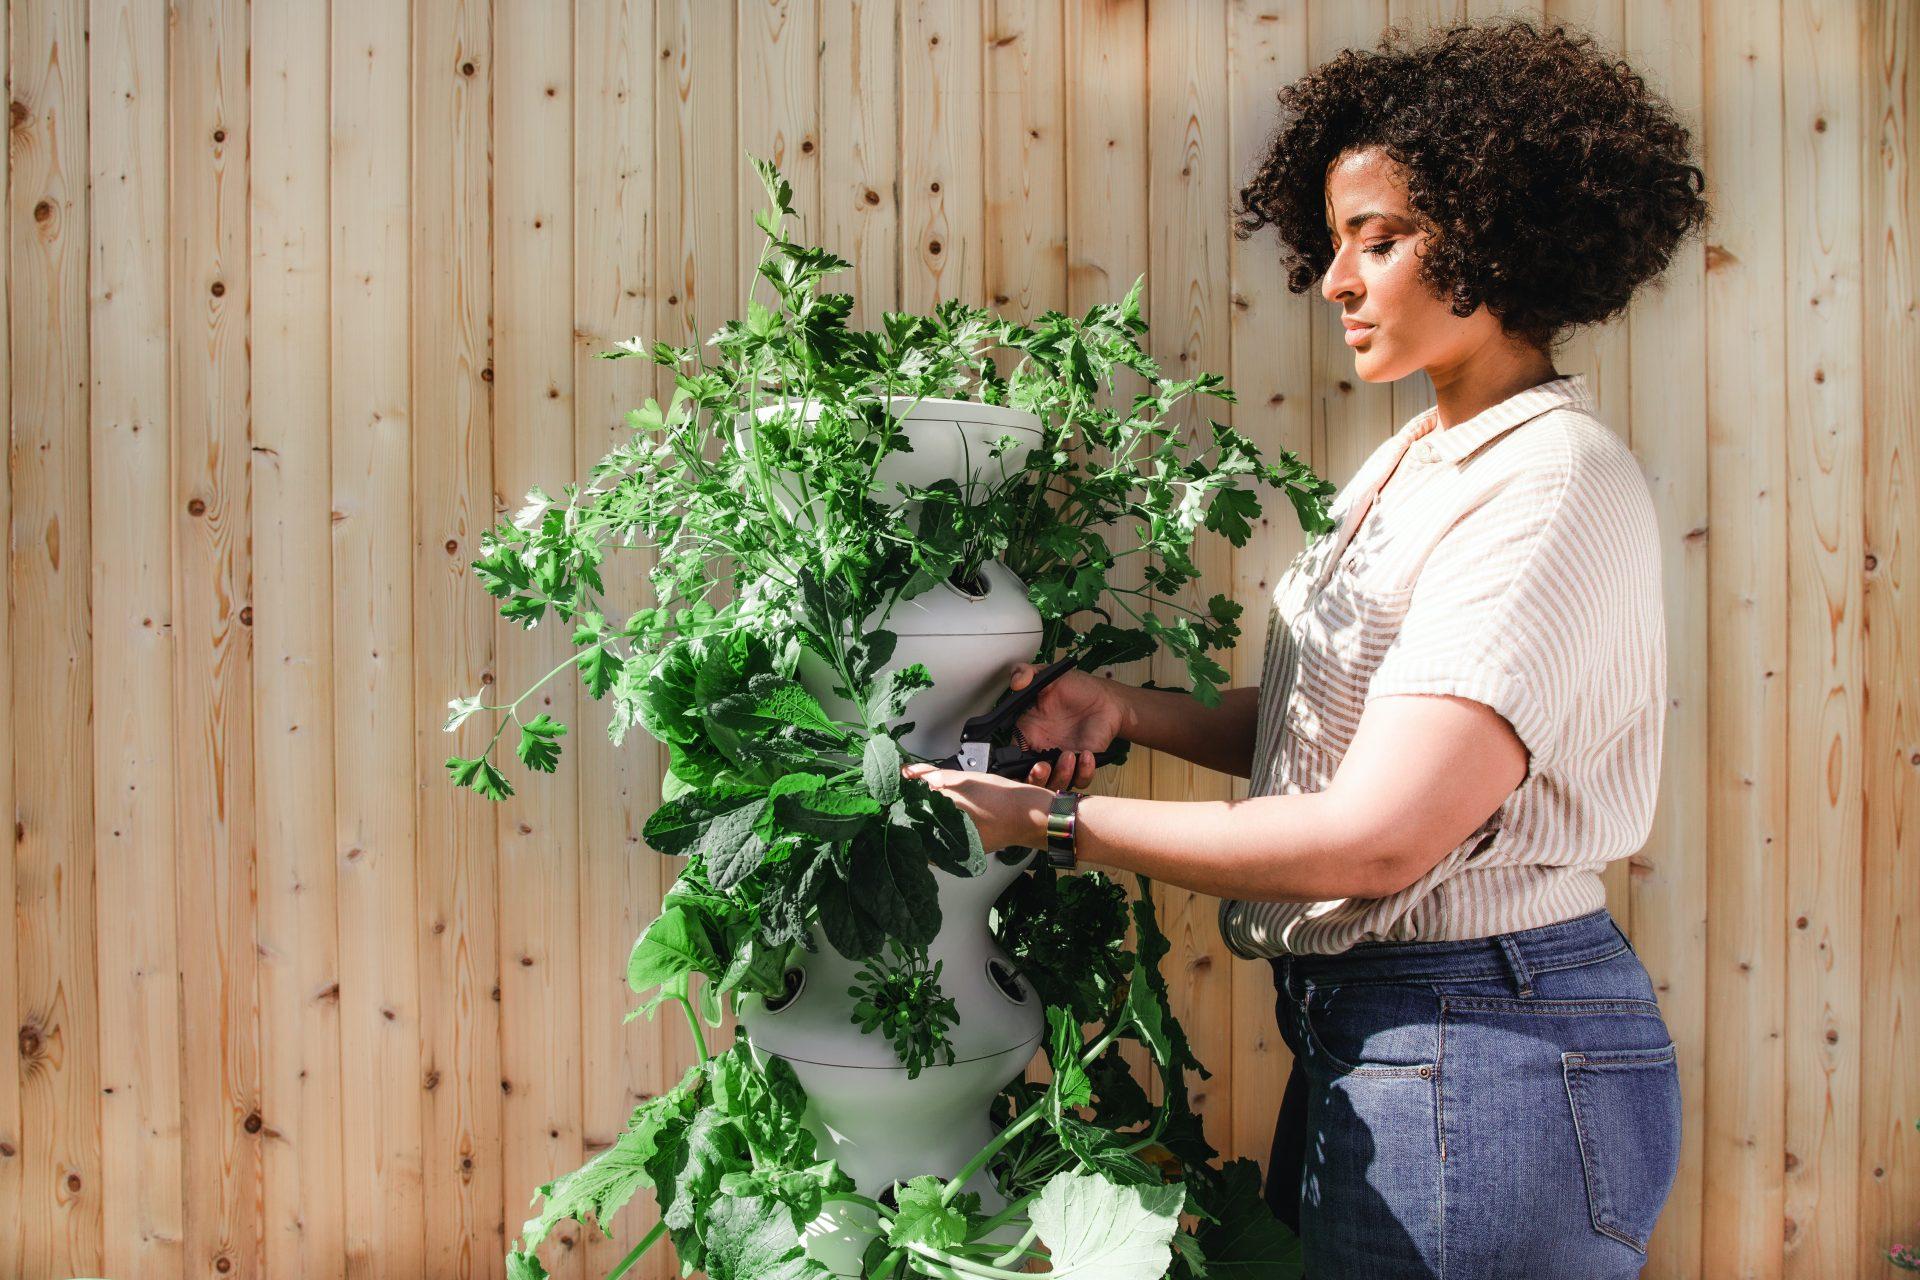 Schön und robust: So machen Sie Ihren Garten klimafit